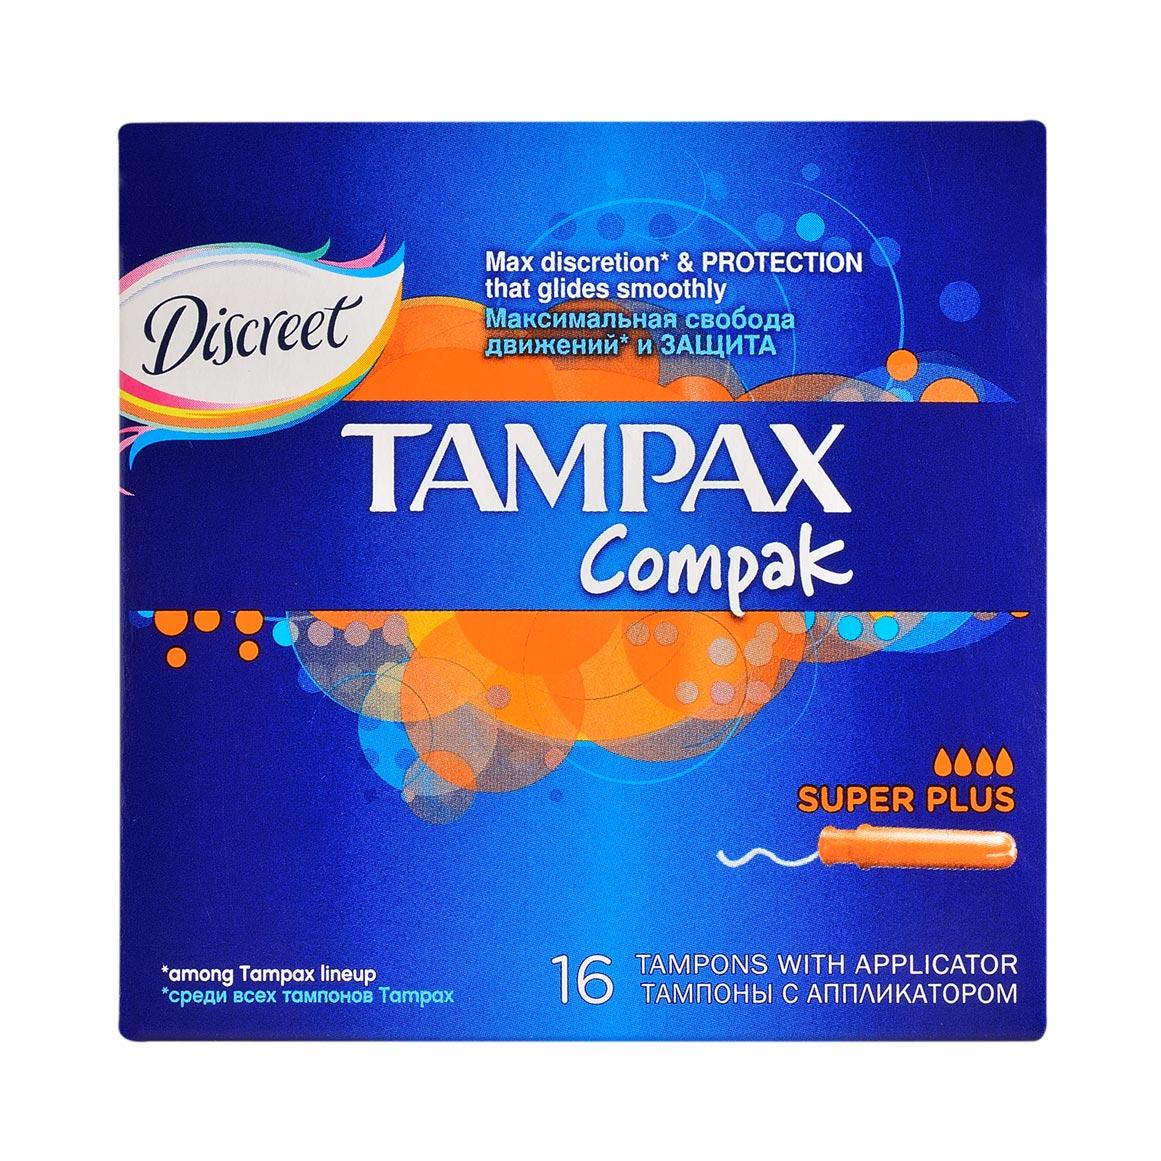 Wholesale tampax compak super plus with applicator 16 pcs